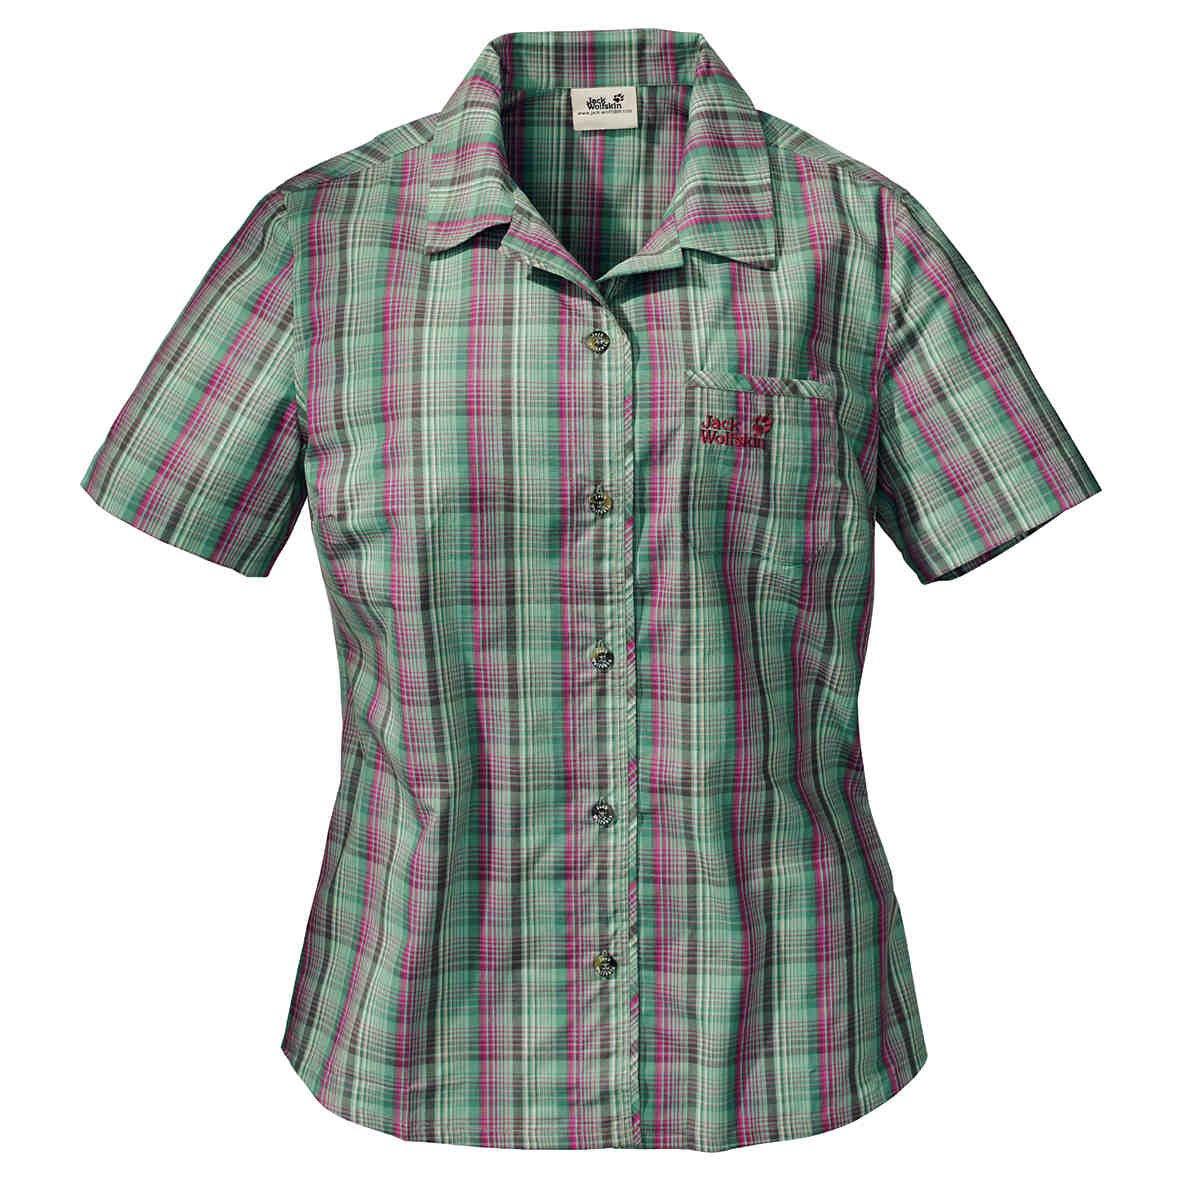 Jack Wolfskin–Maglietta Camicia da donna Hot Chili. Biowolle., Donna, eucalipto, X-Small